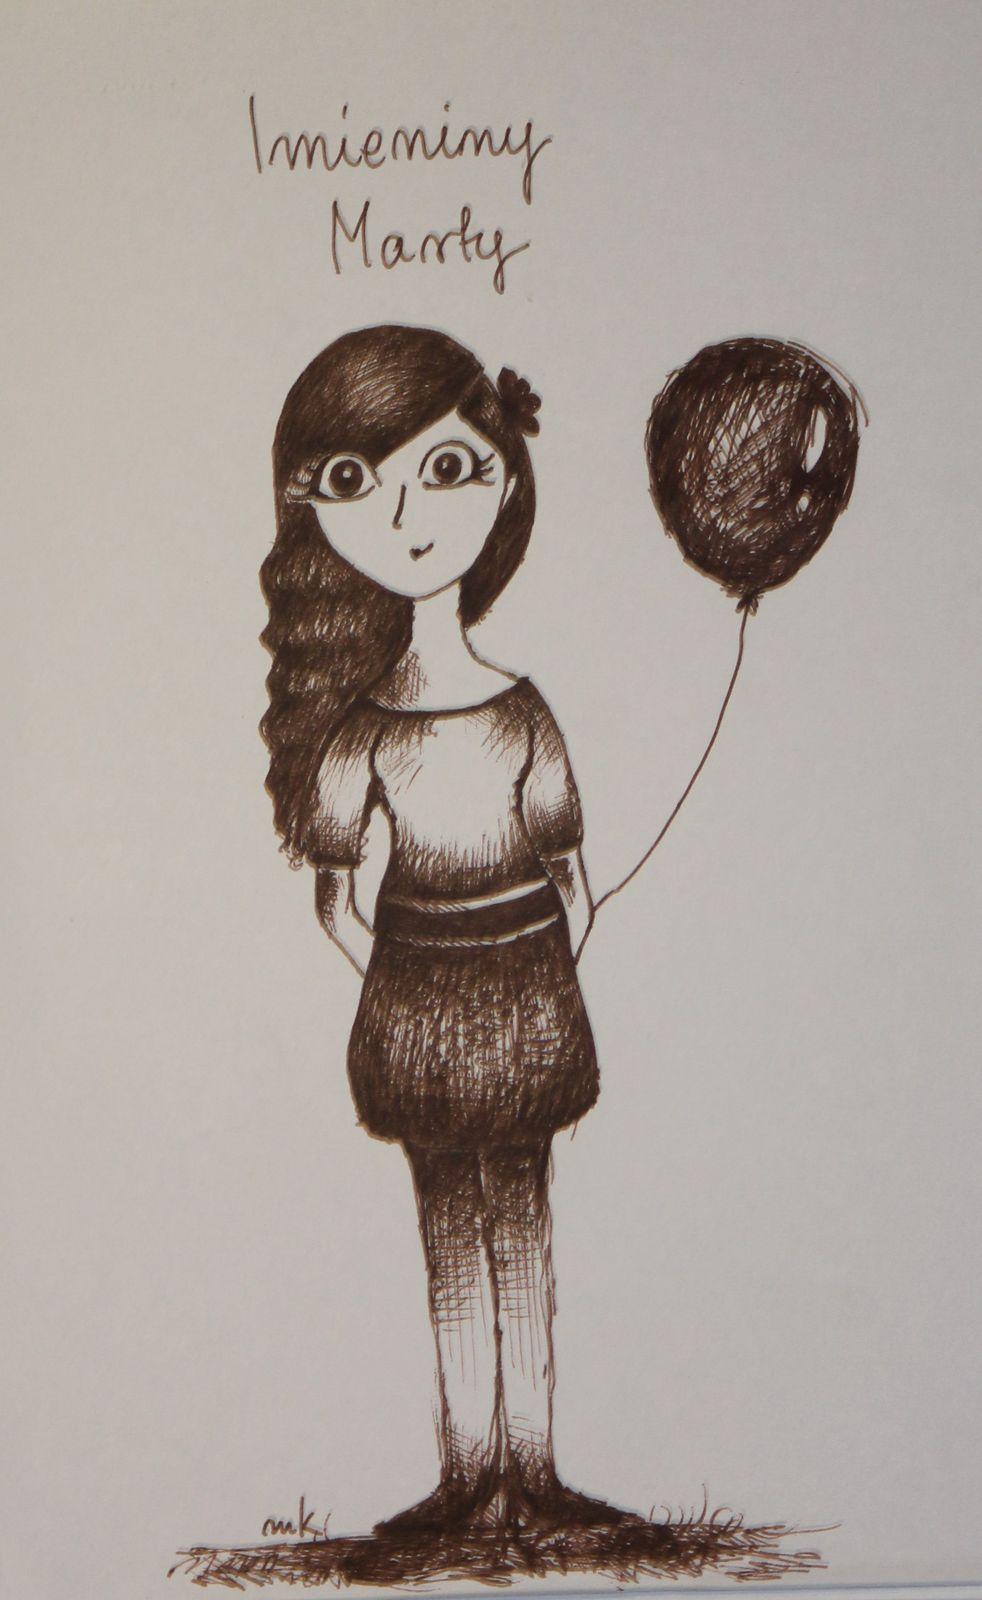 Imieniny Marty - Emilka lat 13